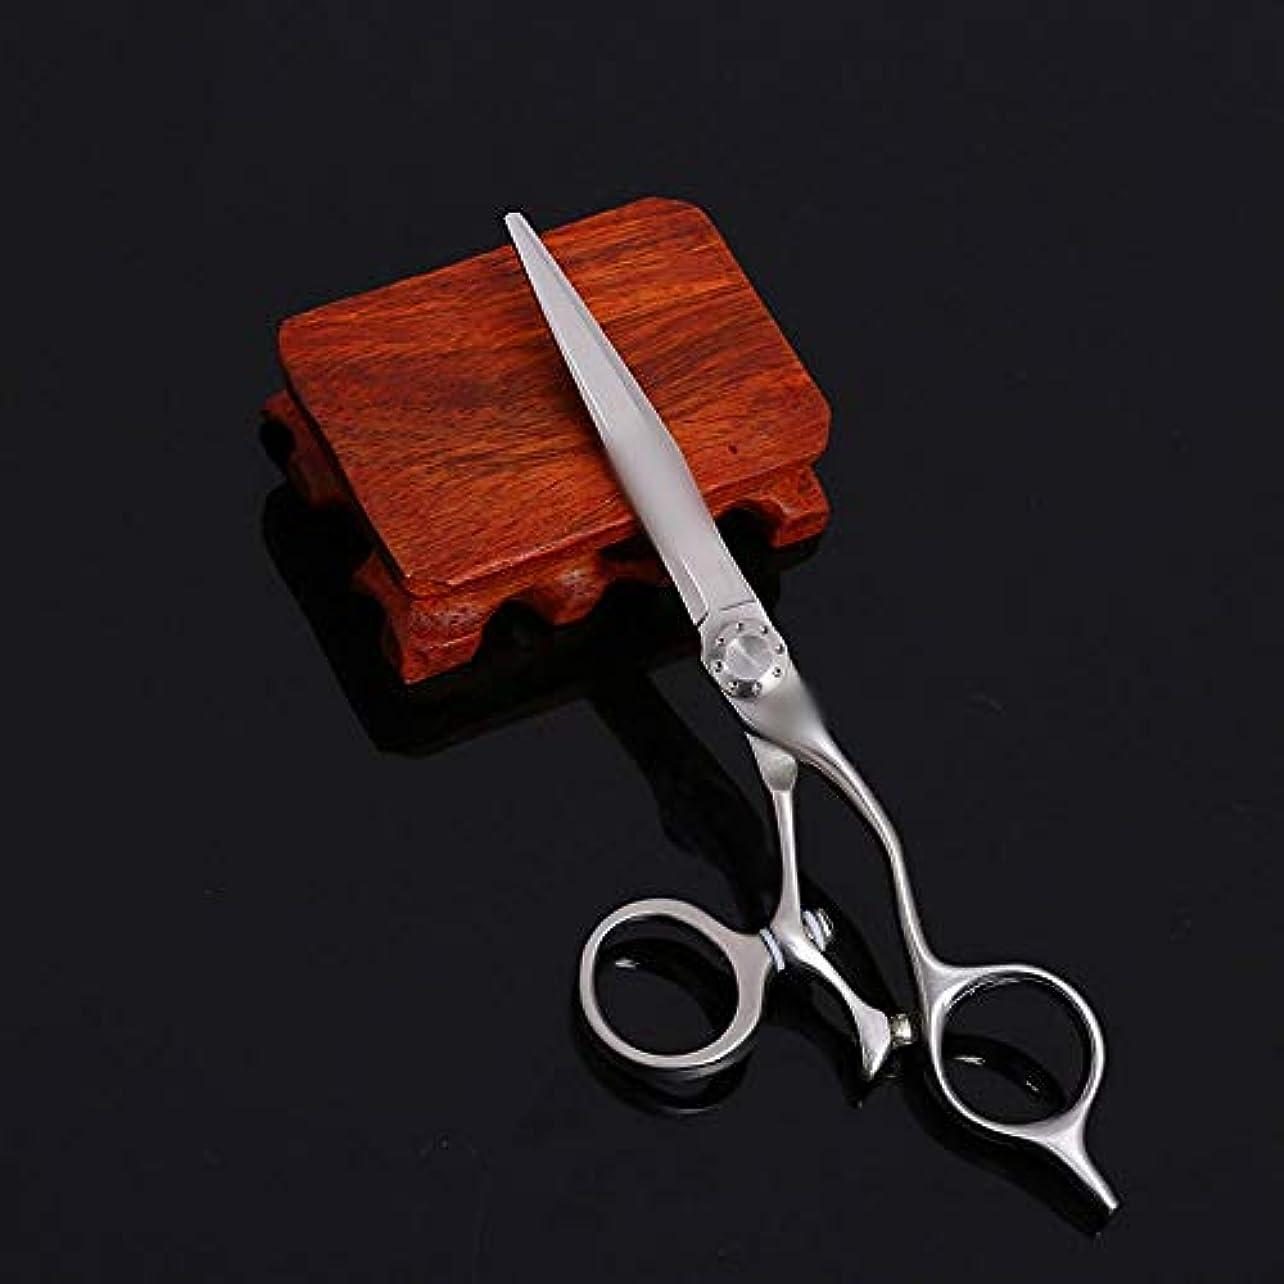 恐怖症モーターフォルダ6インチプロフェッショナルヘアカットシザーステンレス鋼フラットシザー理髪はさみ ヘアケア (色 : Silver)